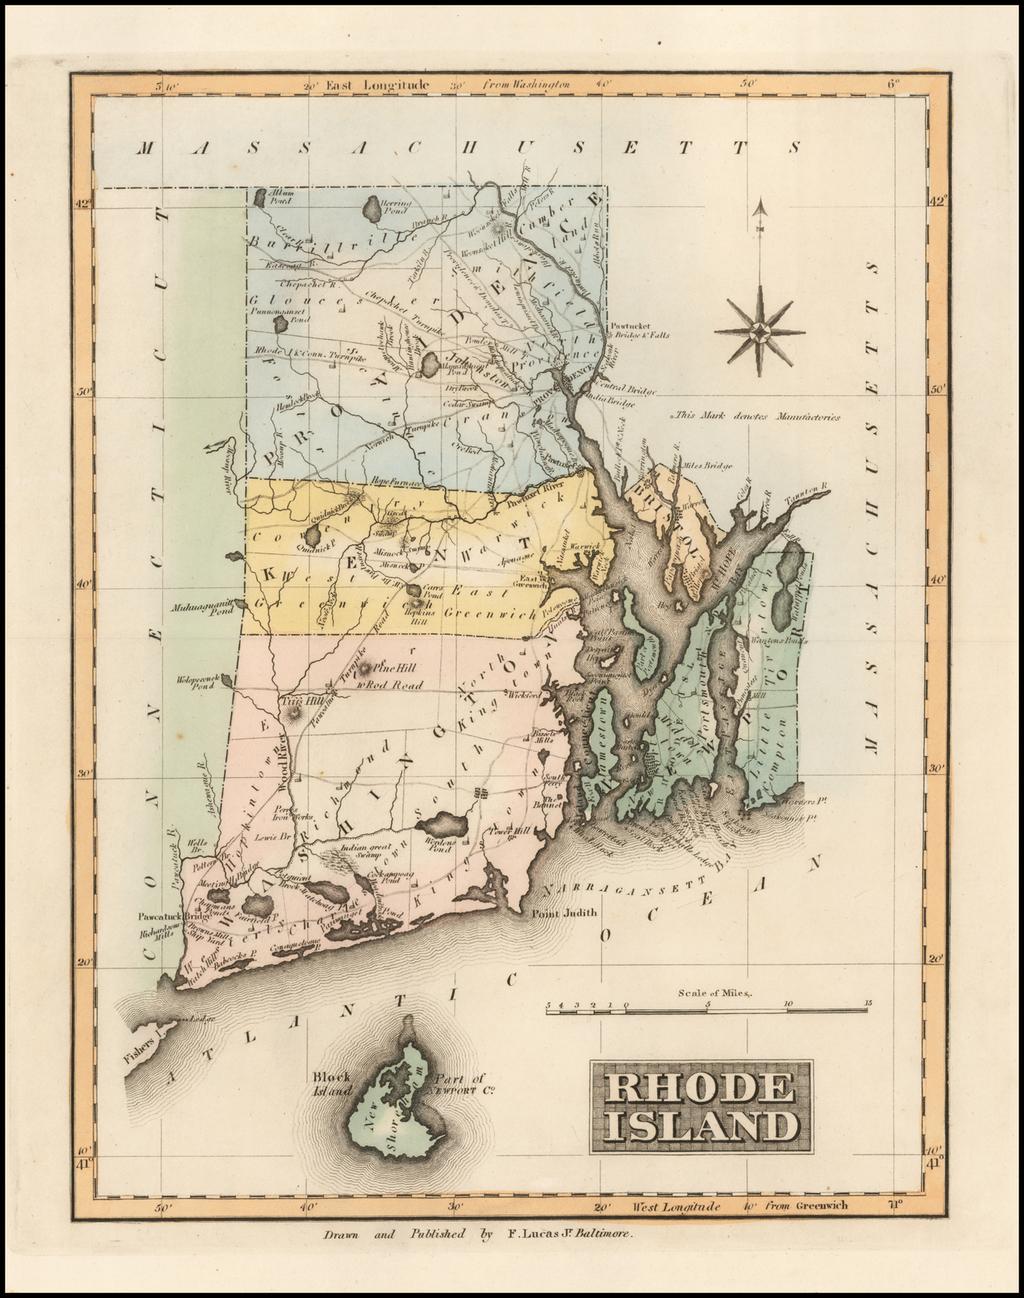 Rhode Island By Fielding Lucas Jr.